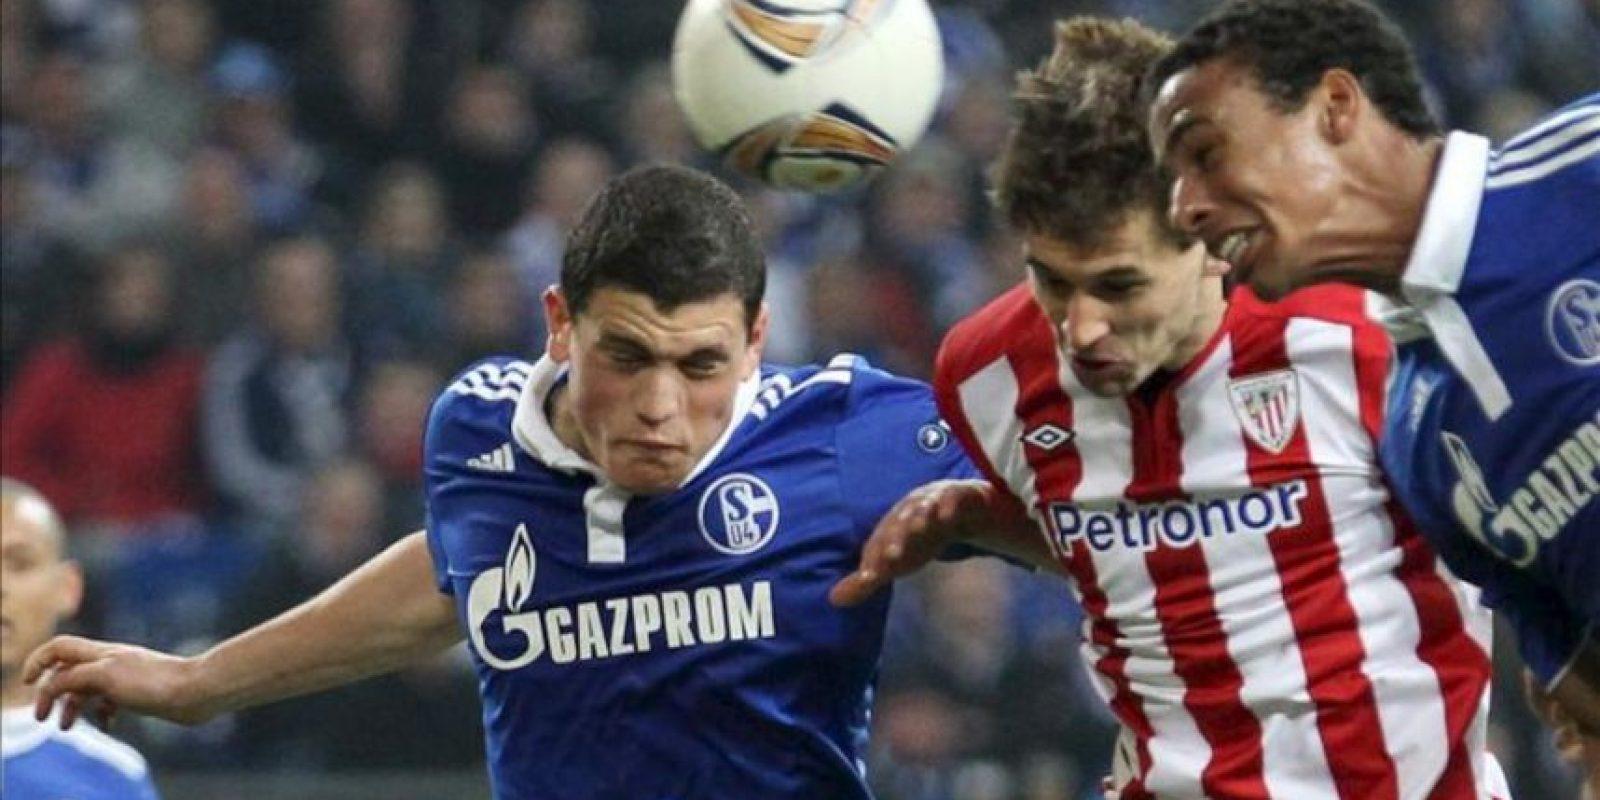 El jugador del Athetic Fernando Llorente (c) anota un gol ante la marca de Kyriakos Papadopoulos (i) y Joel Matip (d), del Schalke 04, el pasado 29 de marzo de 2012, durante un partido por la Liga Europa en el Arena AufSchalke en Gelsenkirchen (Alemania). EFE